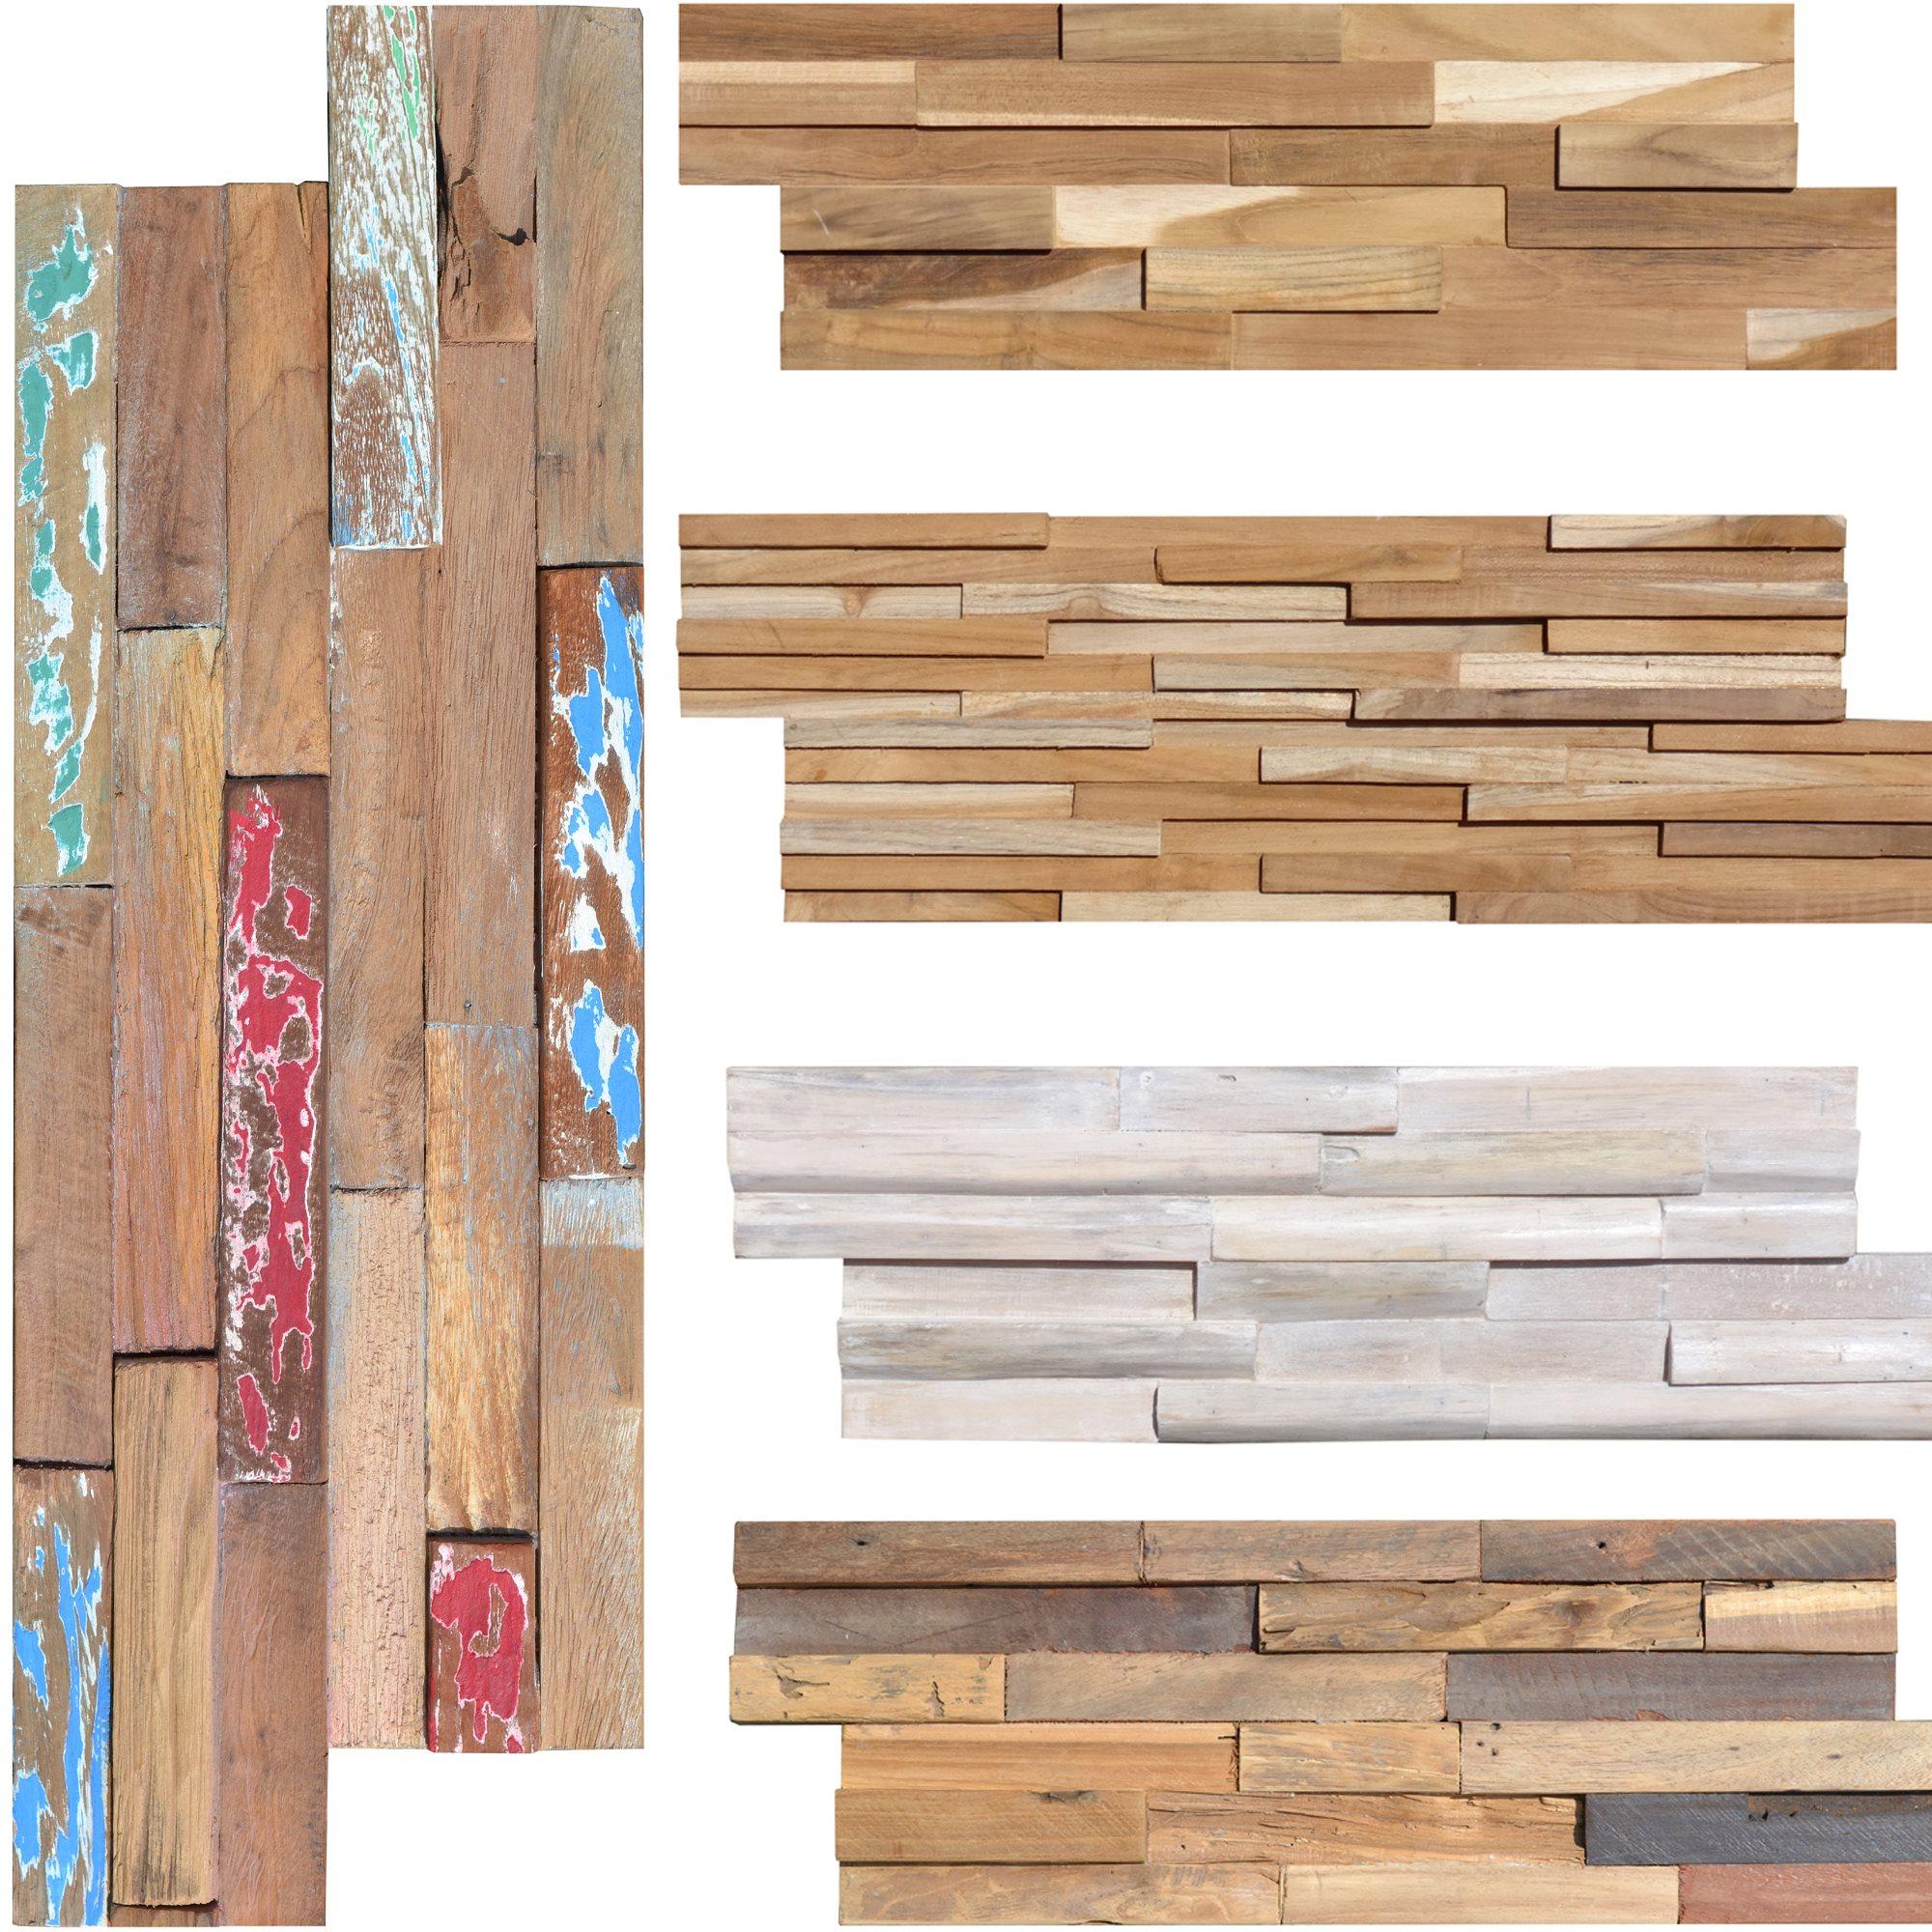 Full Size of Küche Wandverkleidung Glas Mit Motiv Küche Wandverkleidung Laminat Küche Wandverkleidung Kunststoff Küche Wandverkleidung Wie Arbeitsplatte Küche Küche Wandverkleidung